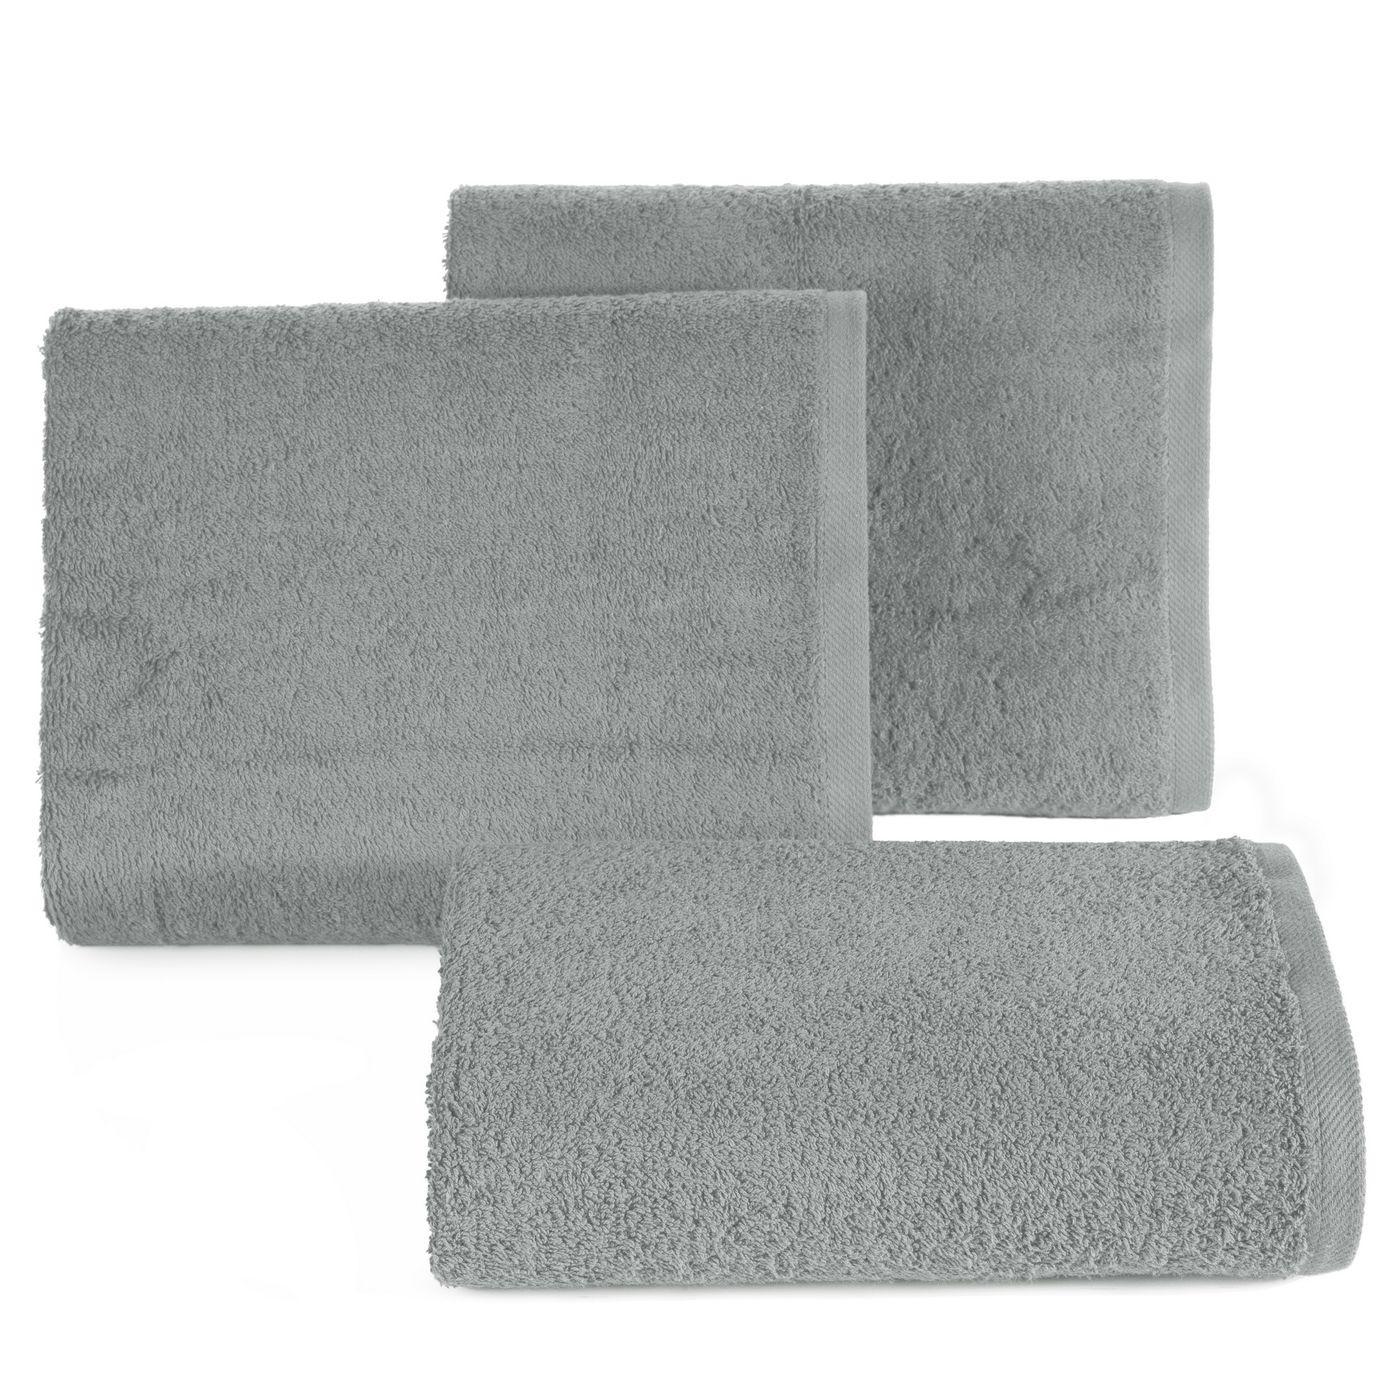 Gładki ręcznik kąpielowy stalowy szary 50x90 cm